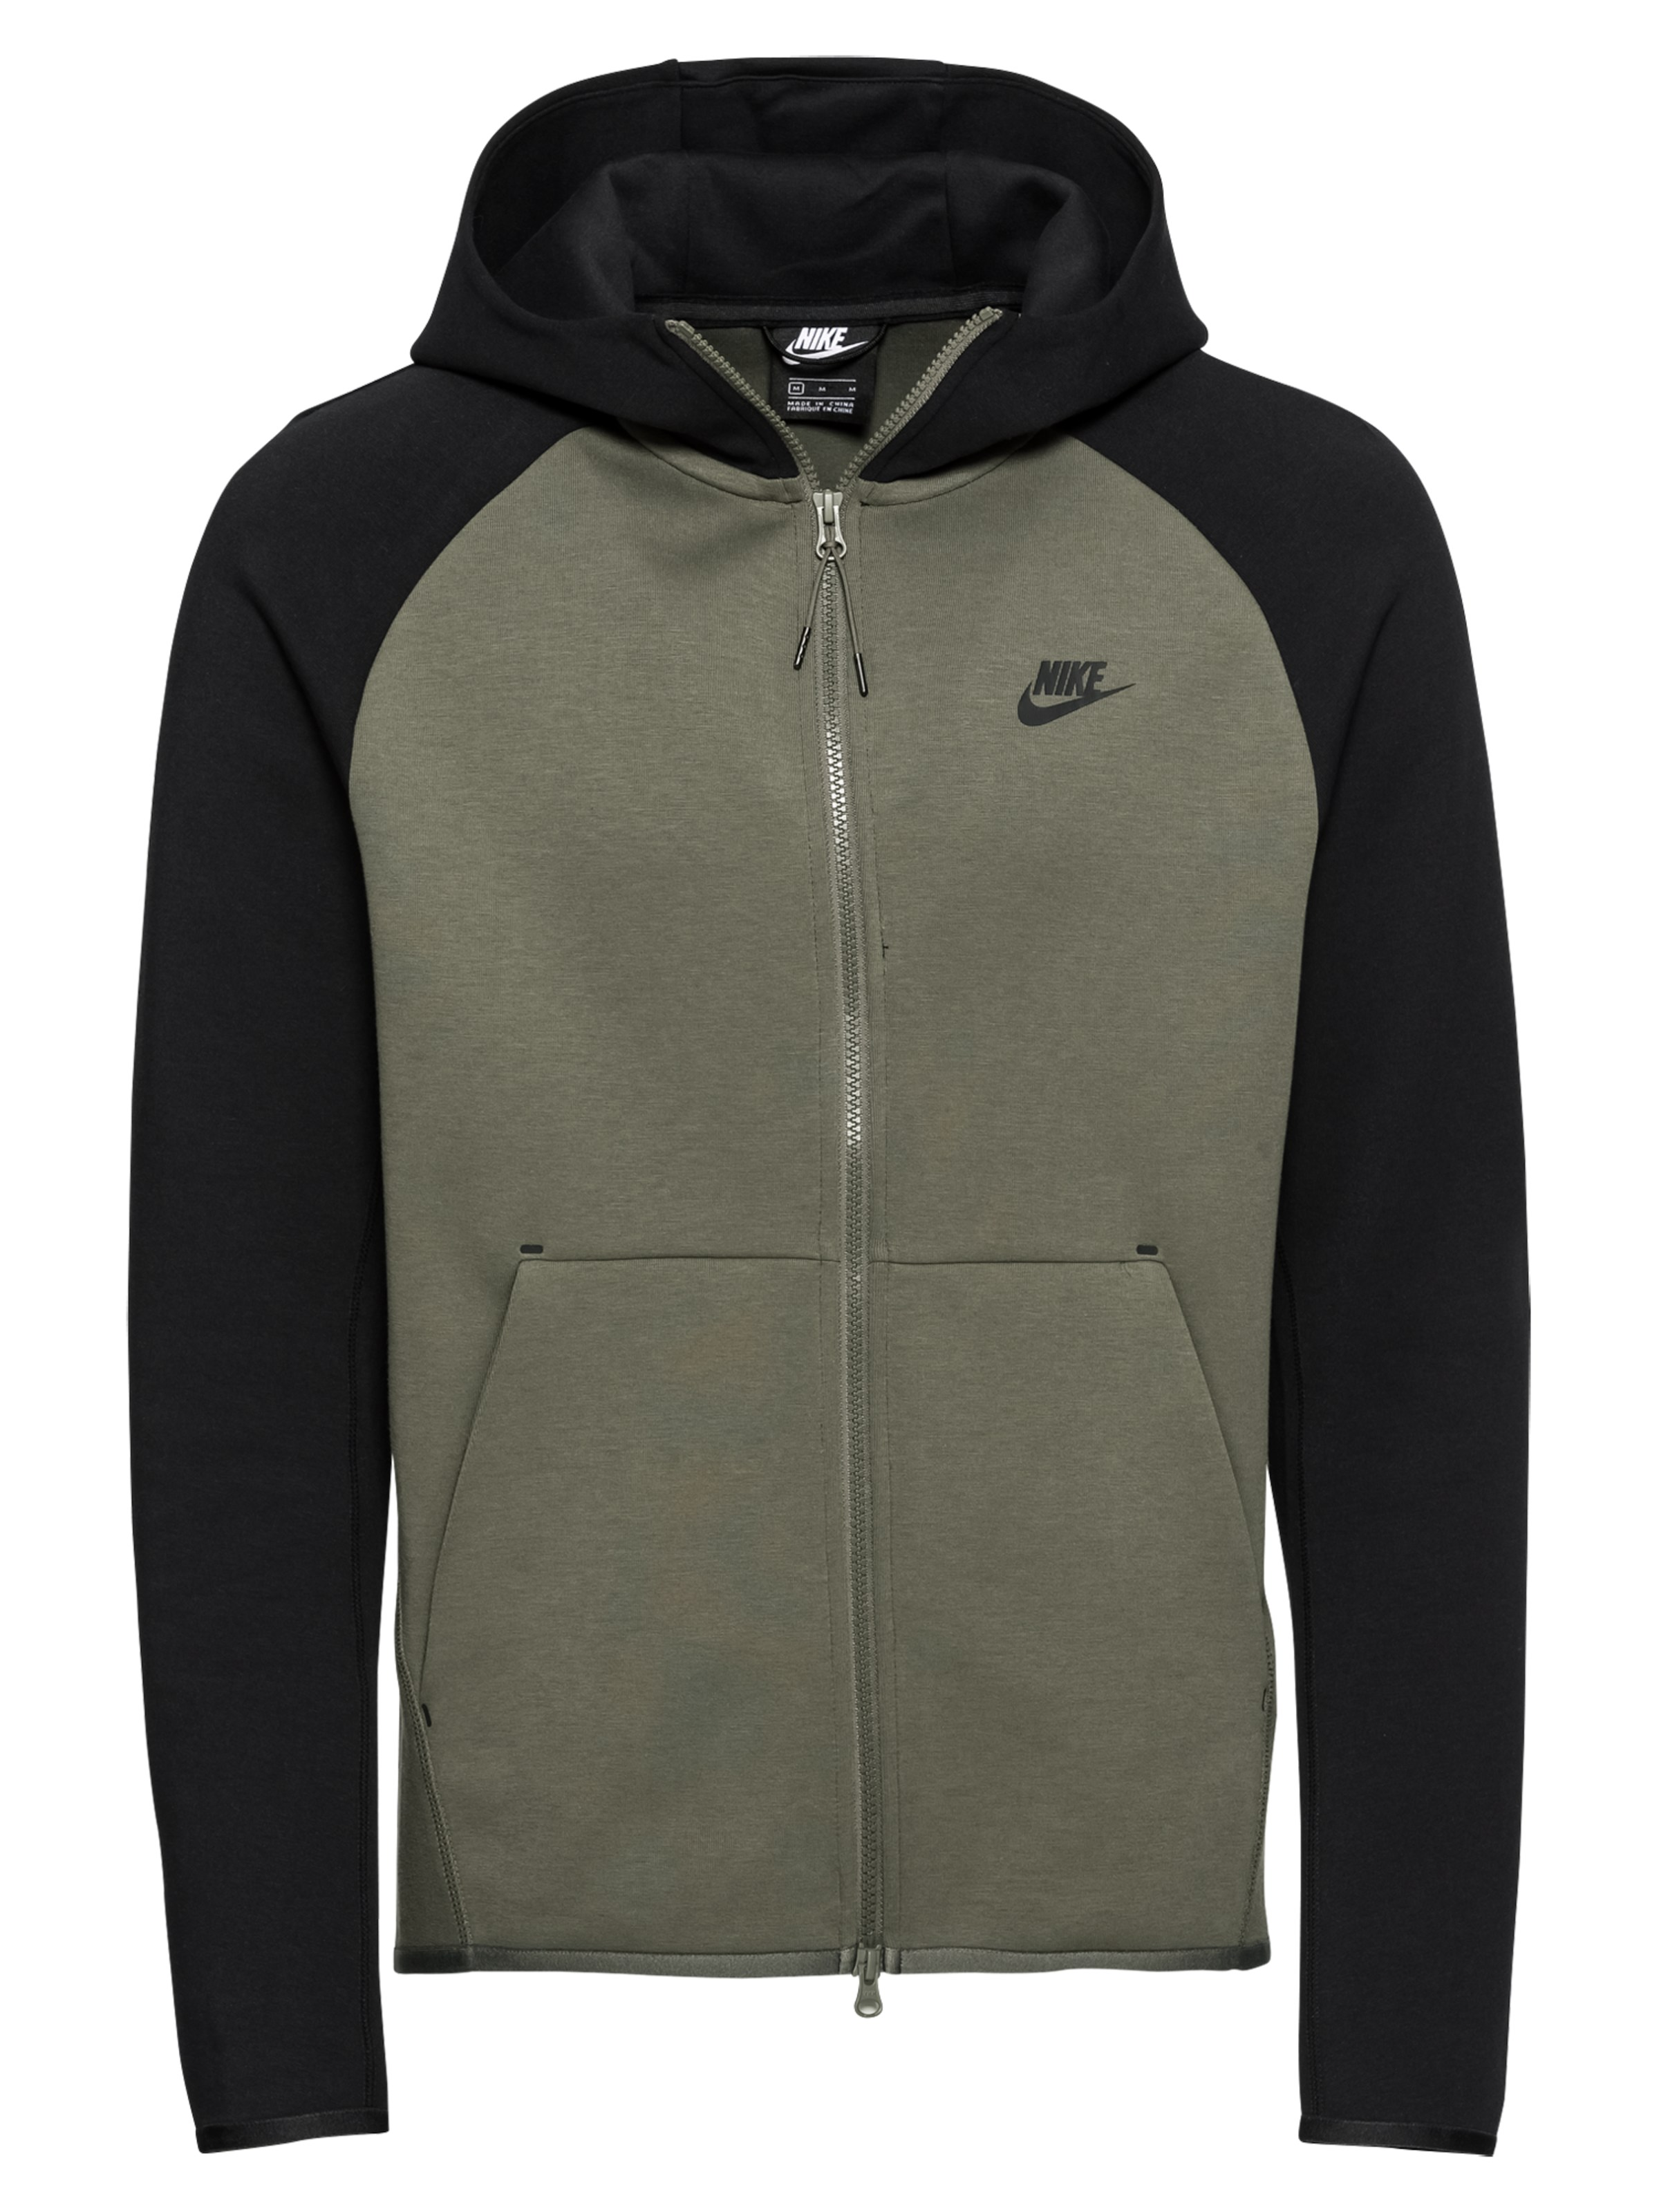 da2a5172a1af1 Nike Sportswear Tepláková bunda 'M NSW TCH FLC HOODIE FZ' Zelená ...